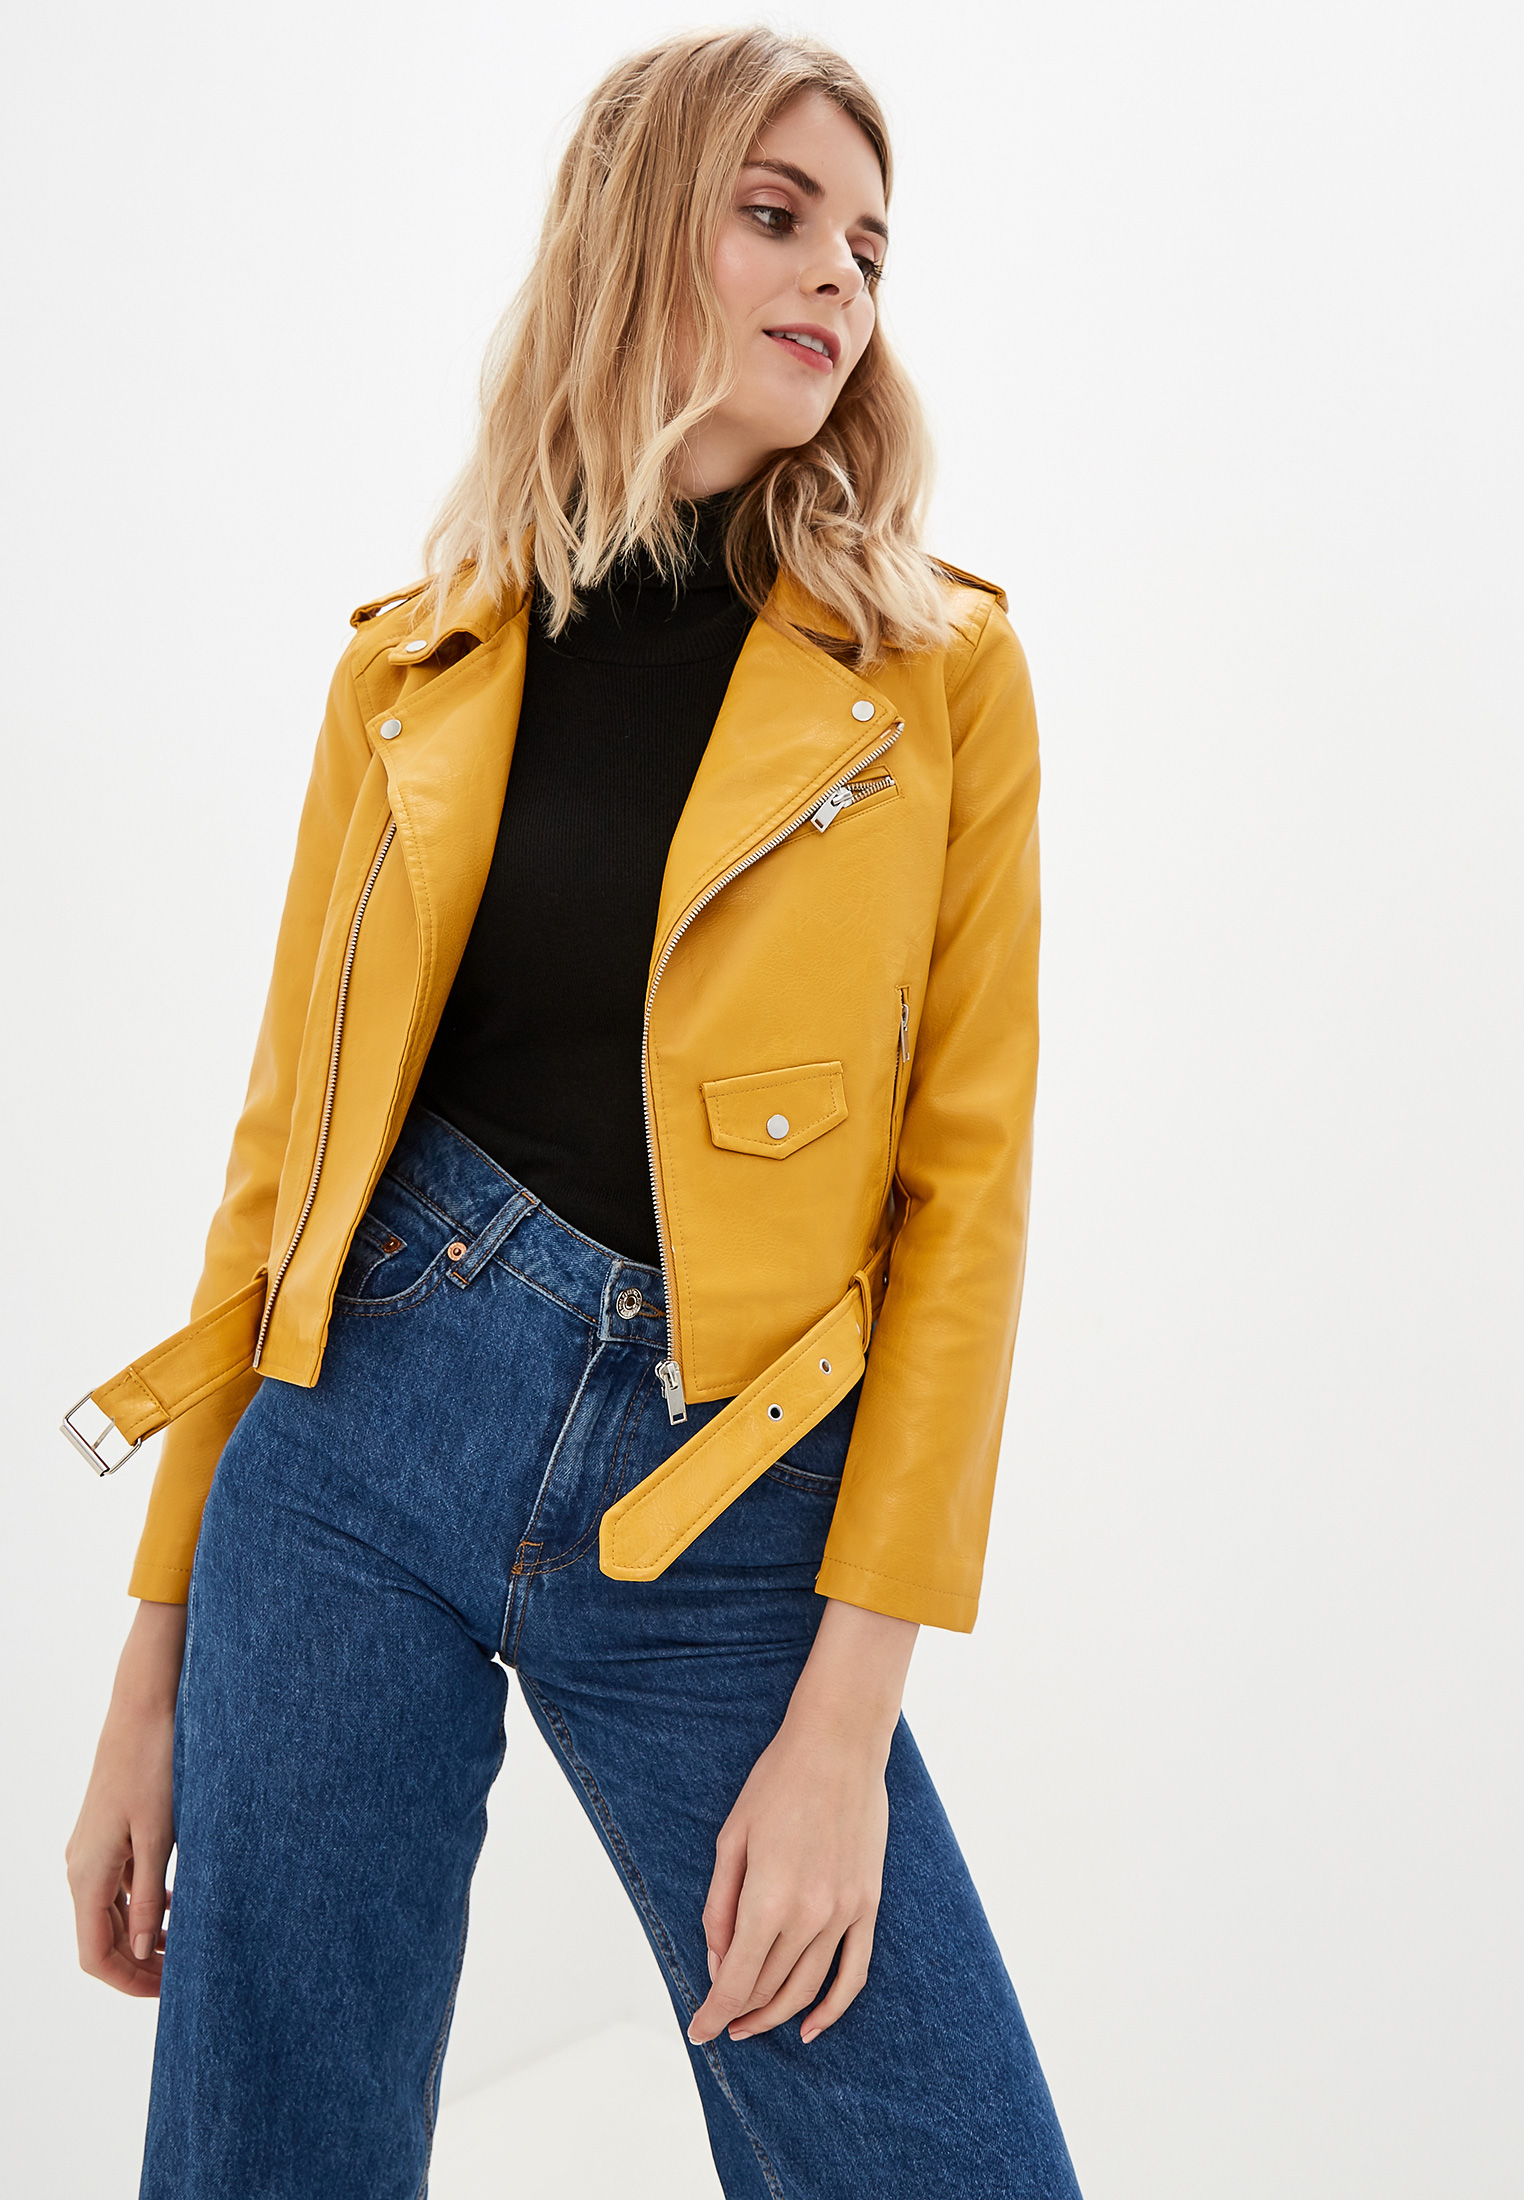 Куртка кожаная, Elardis, цвет: желтый. Артикул: MP002XW0RJY4. Одежда / Верхняя одежда / Косухи